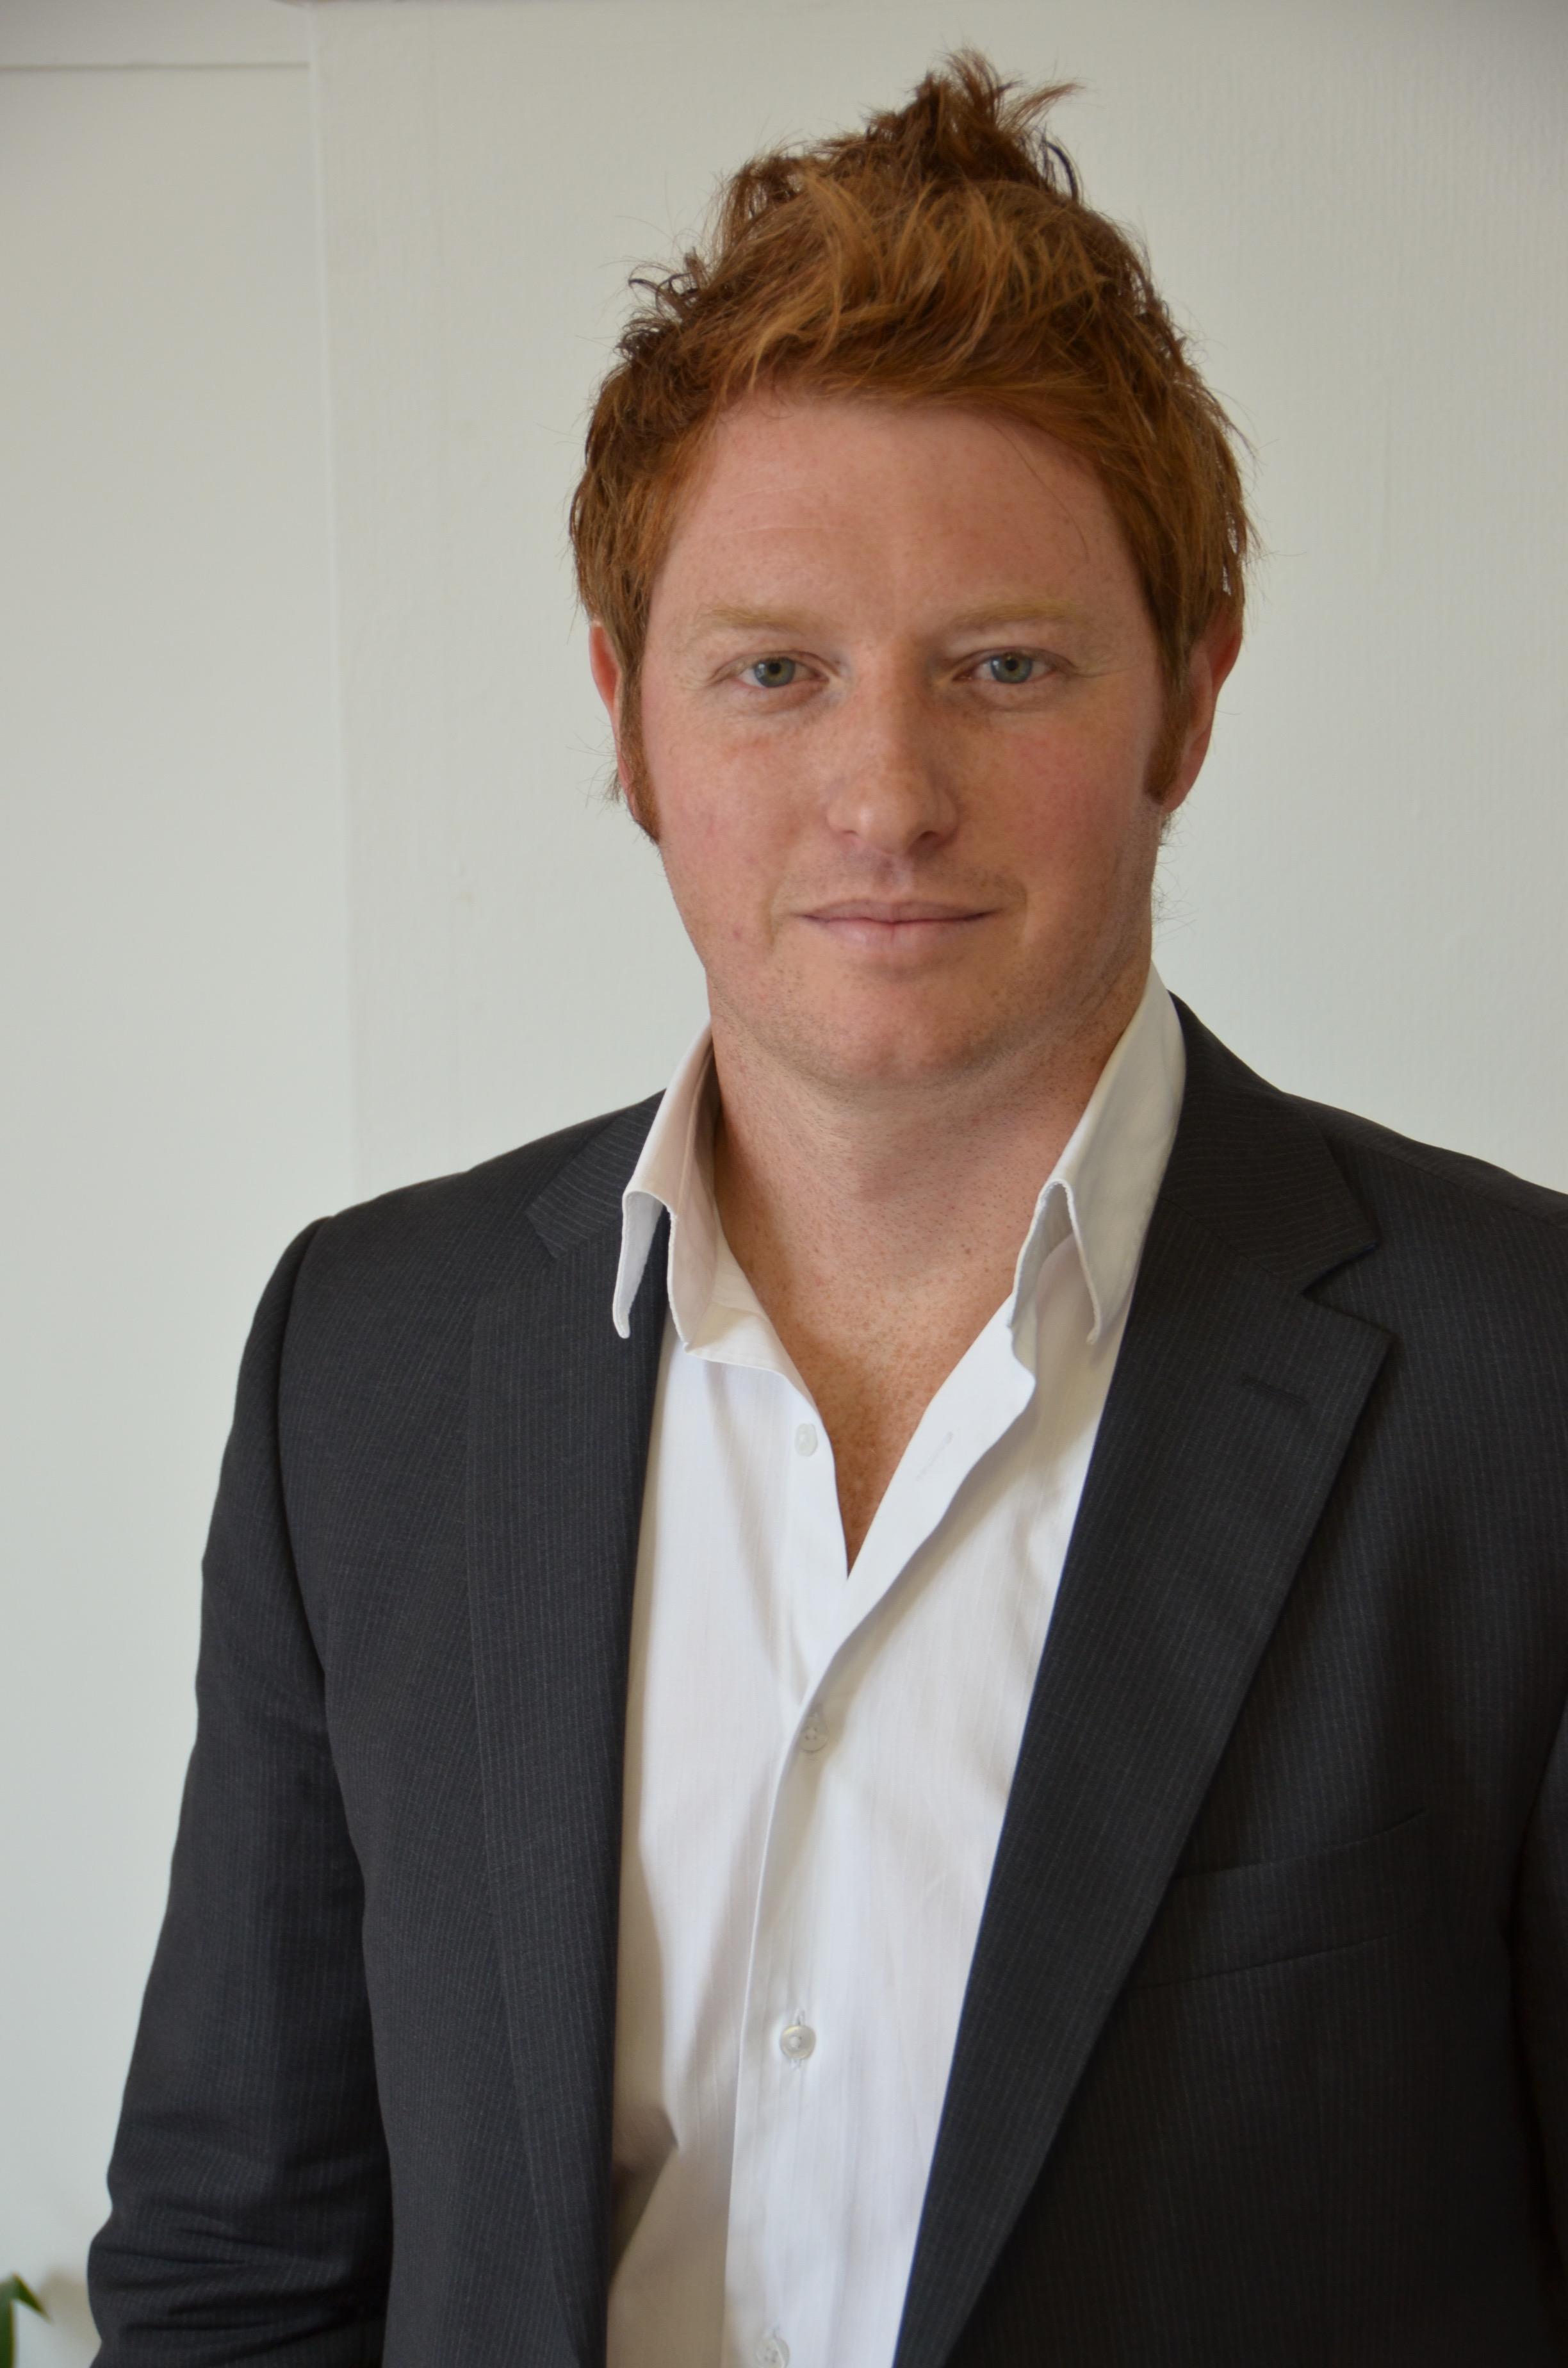 Dan Cunliffe, managing director at Pangea